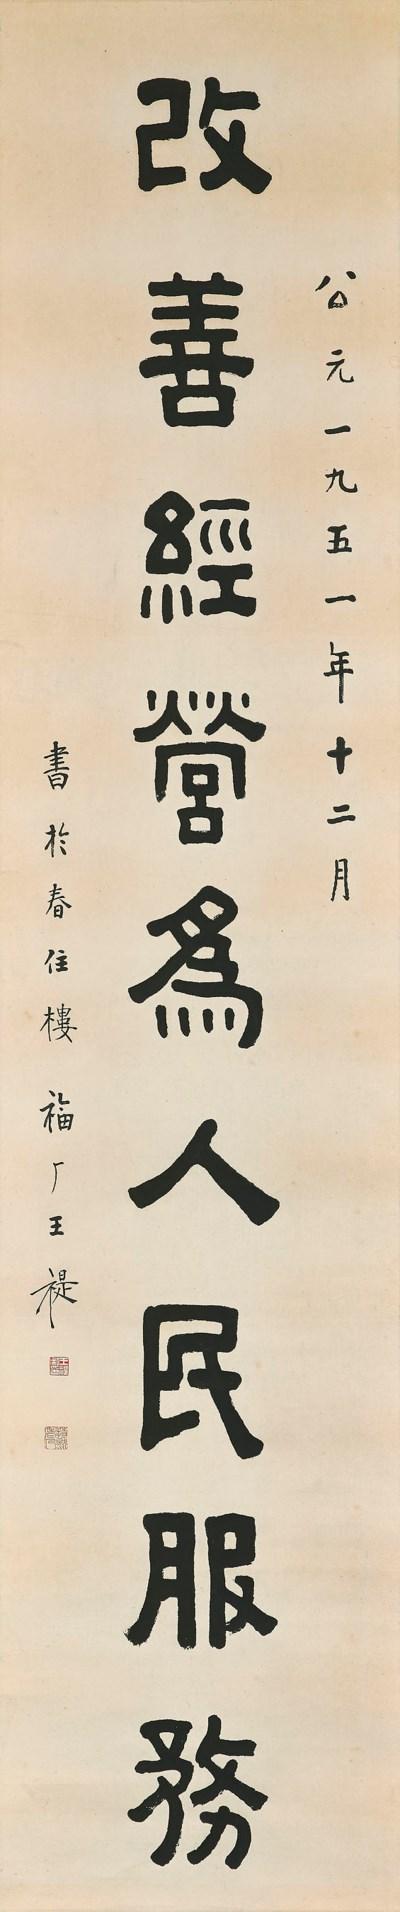 WANG FU'AN (1879-1960)